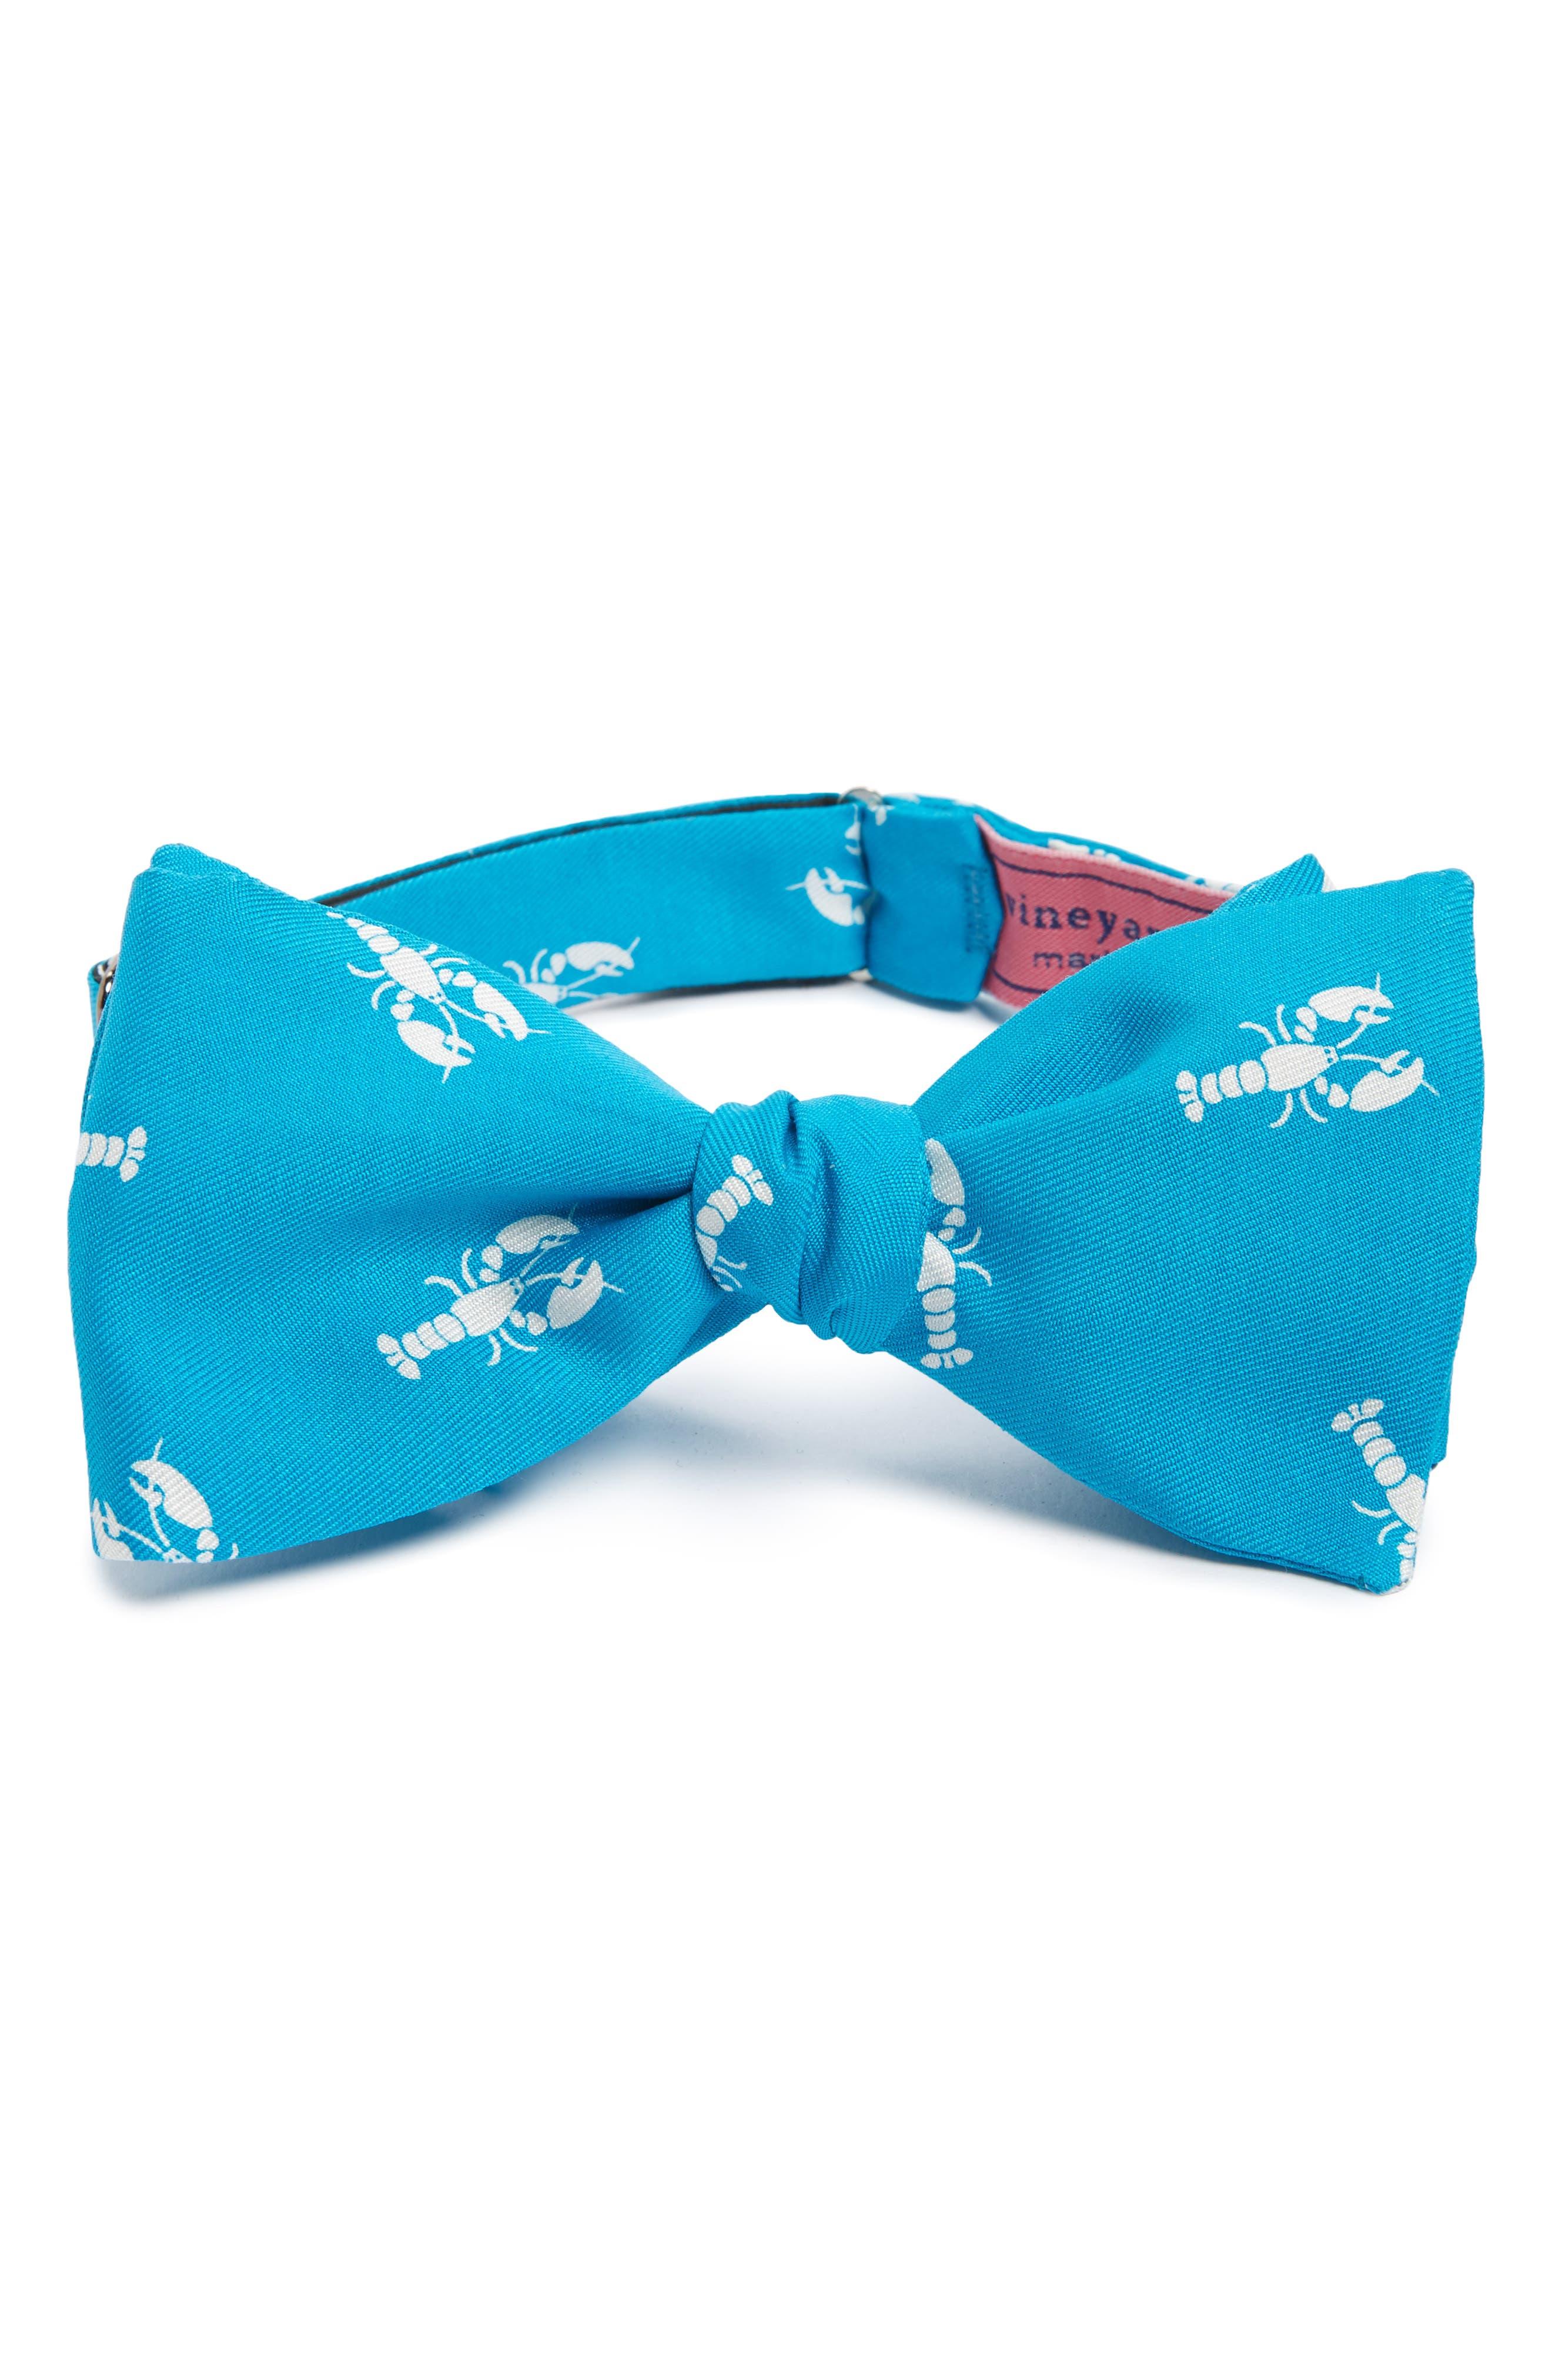 Lobster Bow Tie,                         Main,                         color, Sea Grove